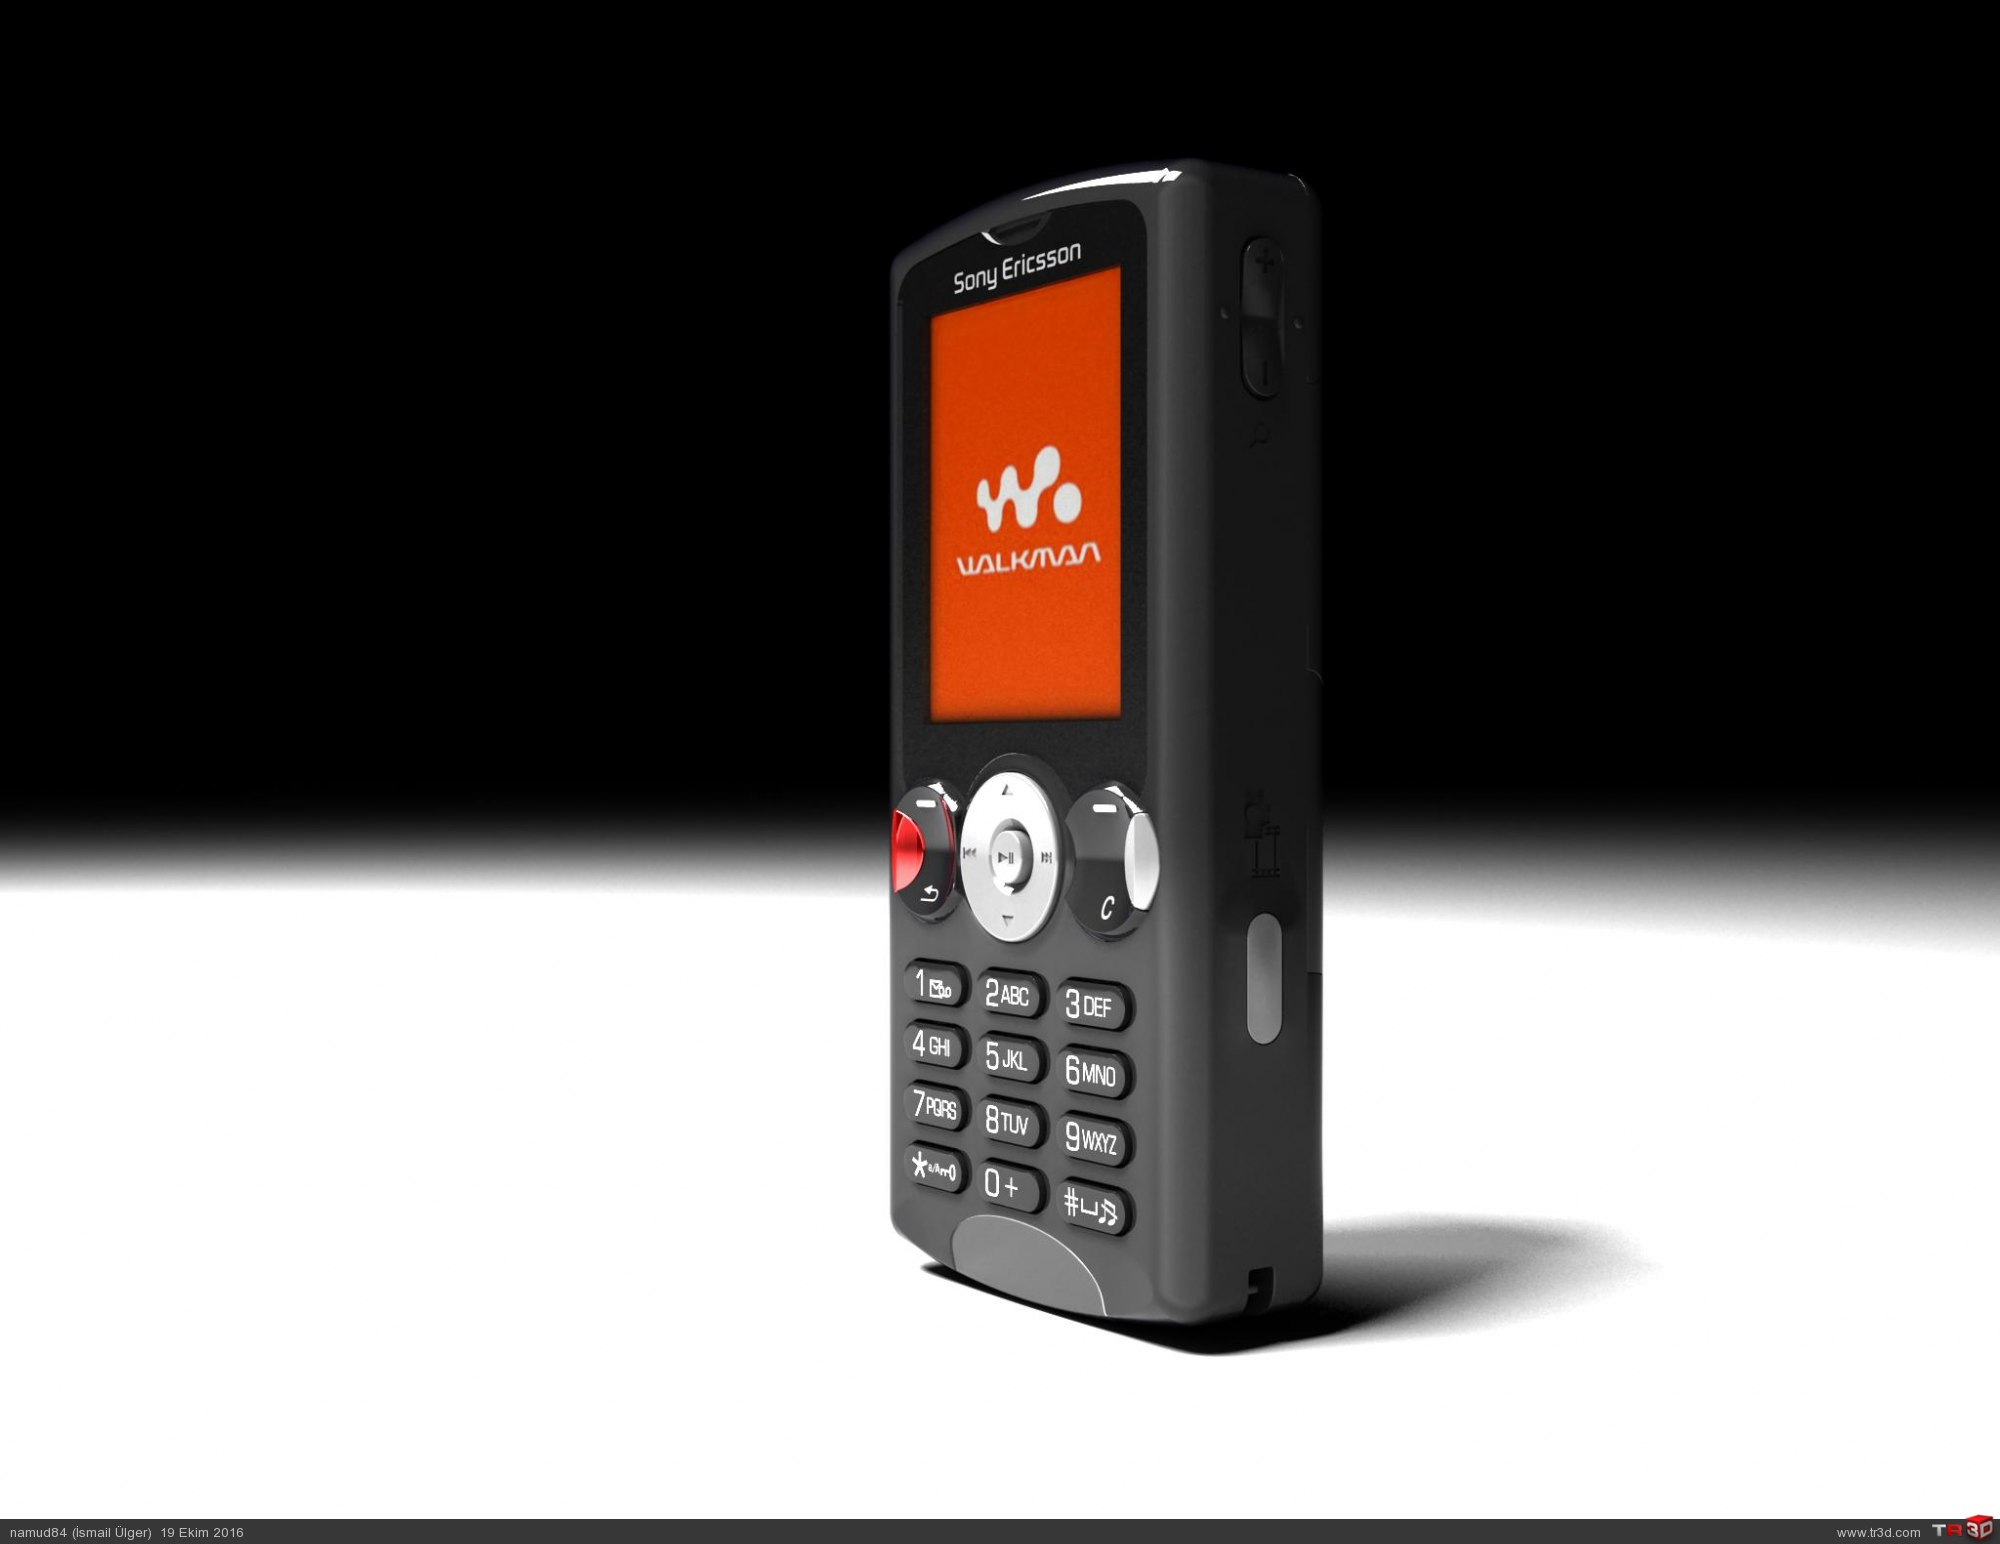 Sony ericcson W810i walkman telefon